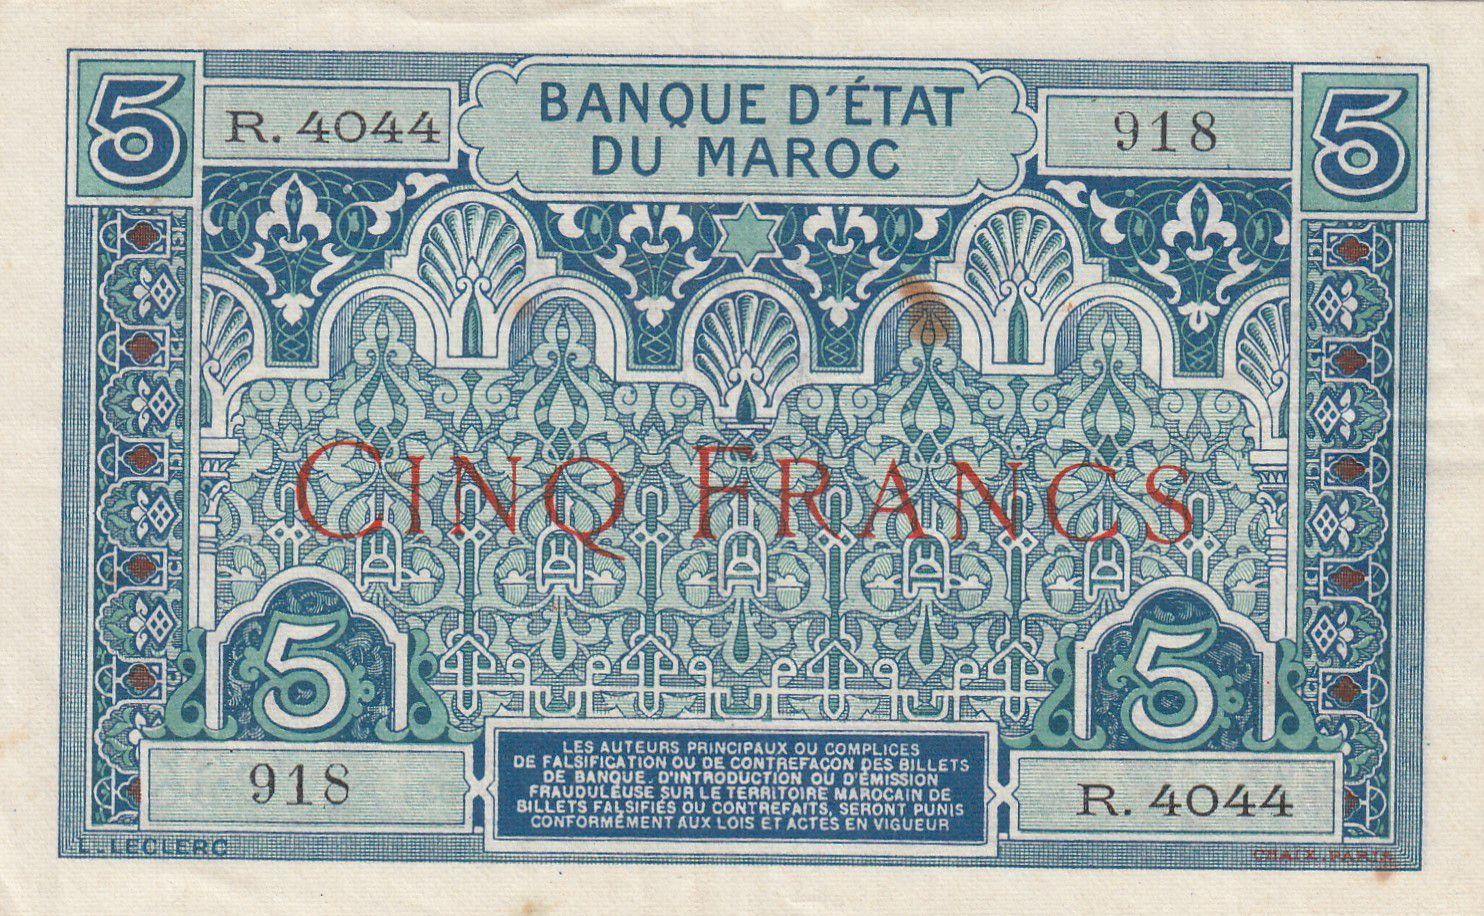 Maroc 5 Francs Ornements - 1924 - Série R.4044 - TTB + - P.9